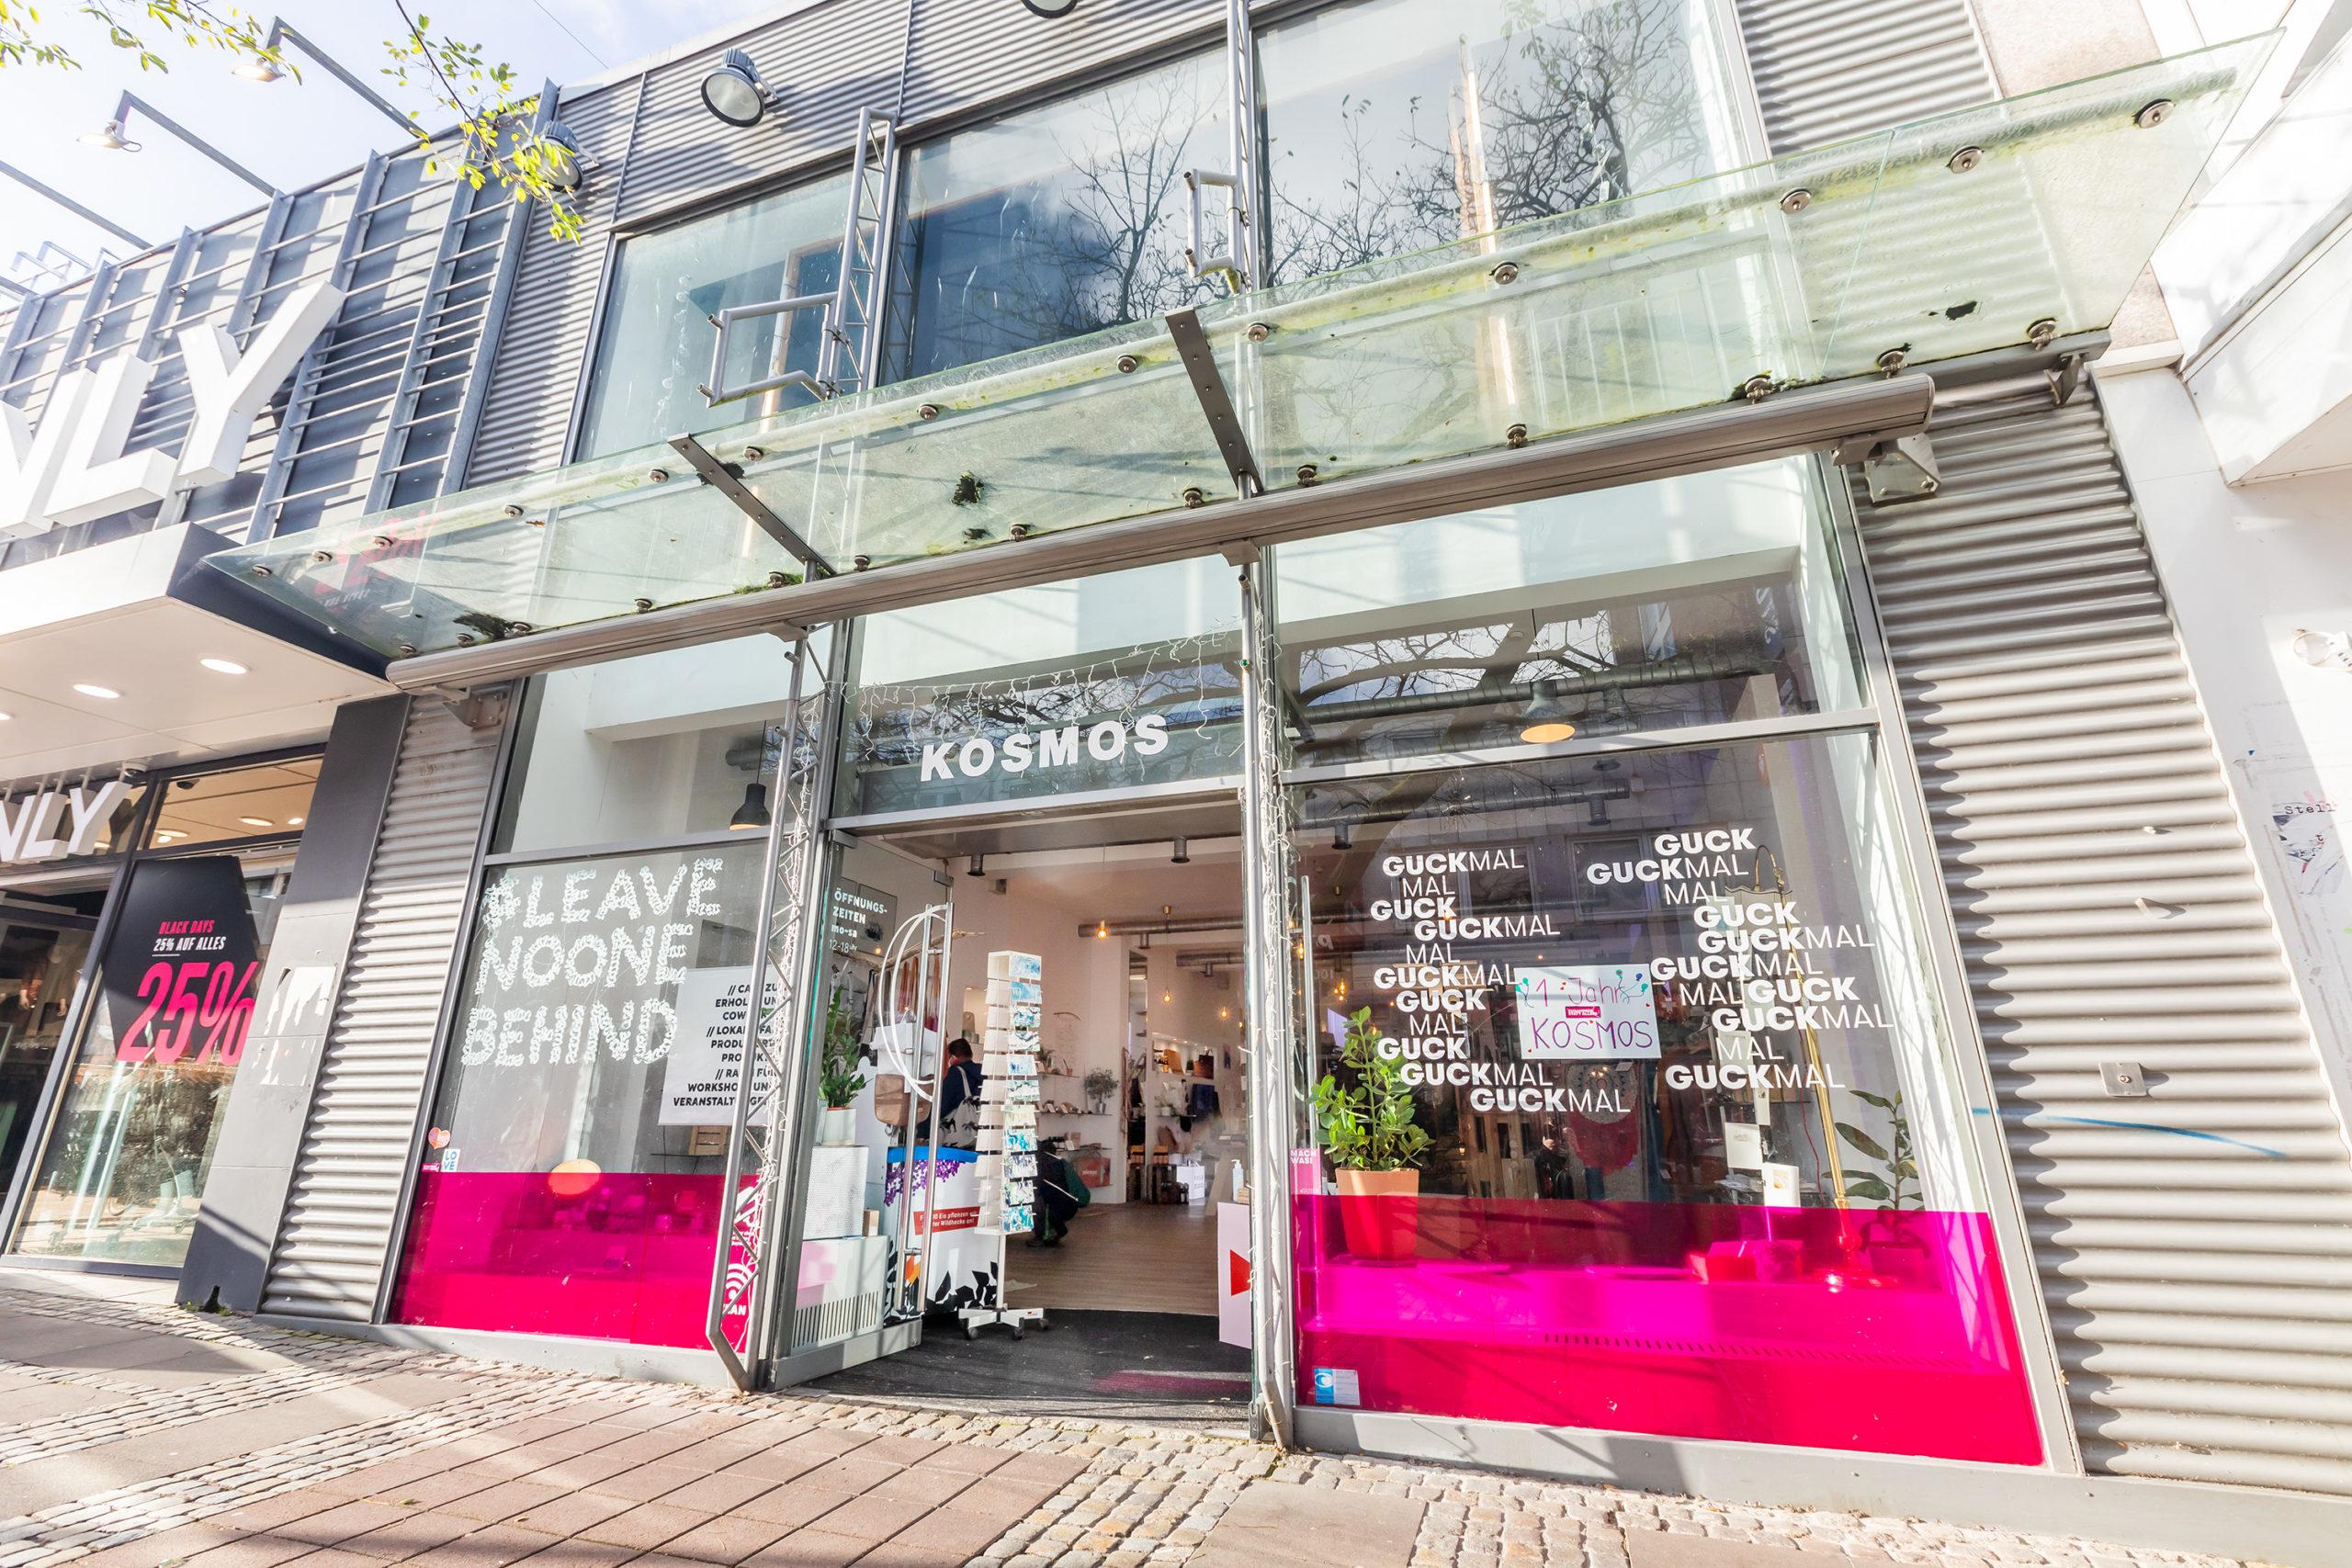 Zwischennutzungsliebling_Kosmos_byMatthias Masch_Kiel-Marketing